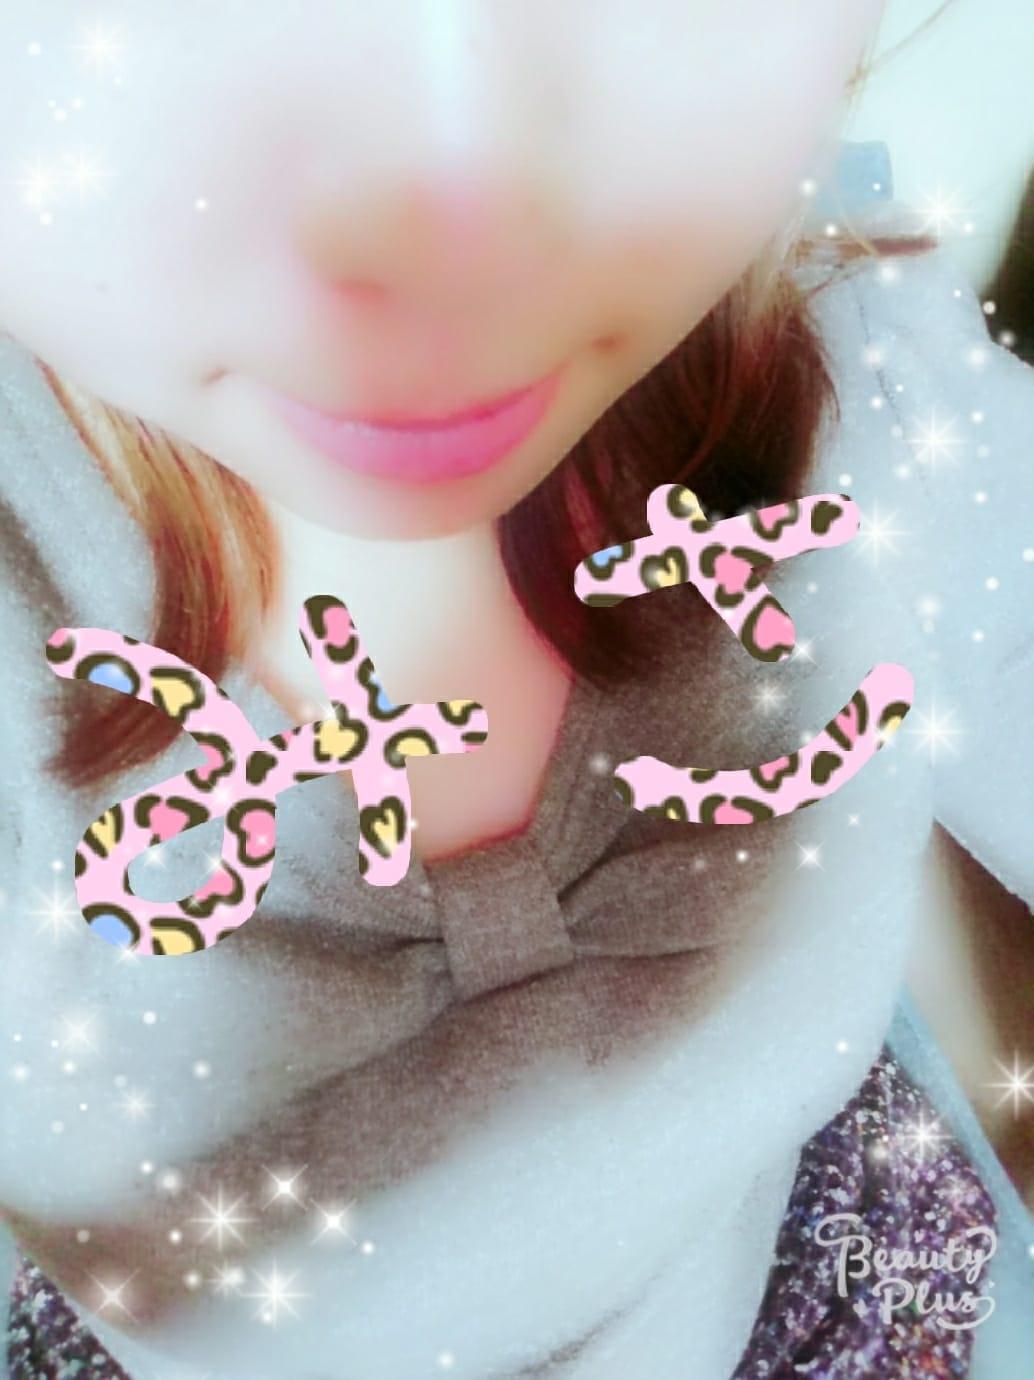 「こんにちわ」11/14(火) 16:09 | ミサの写メ・風俗動画